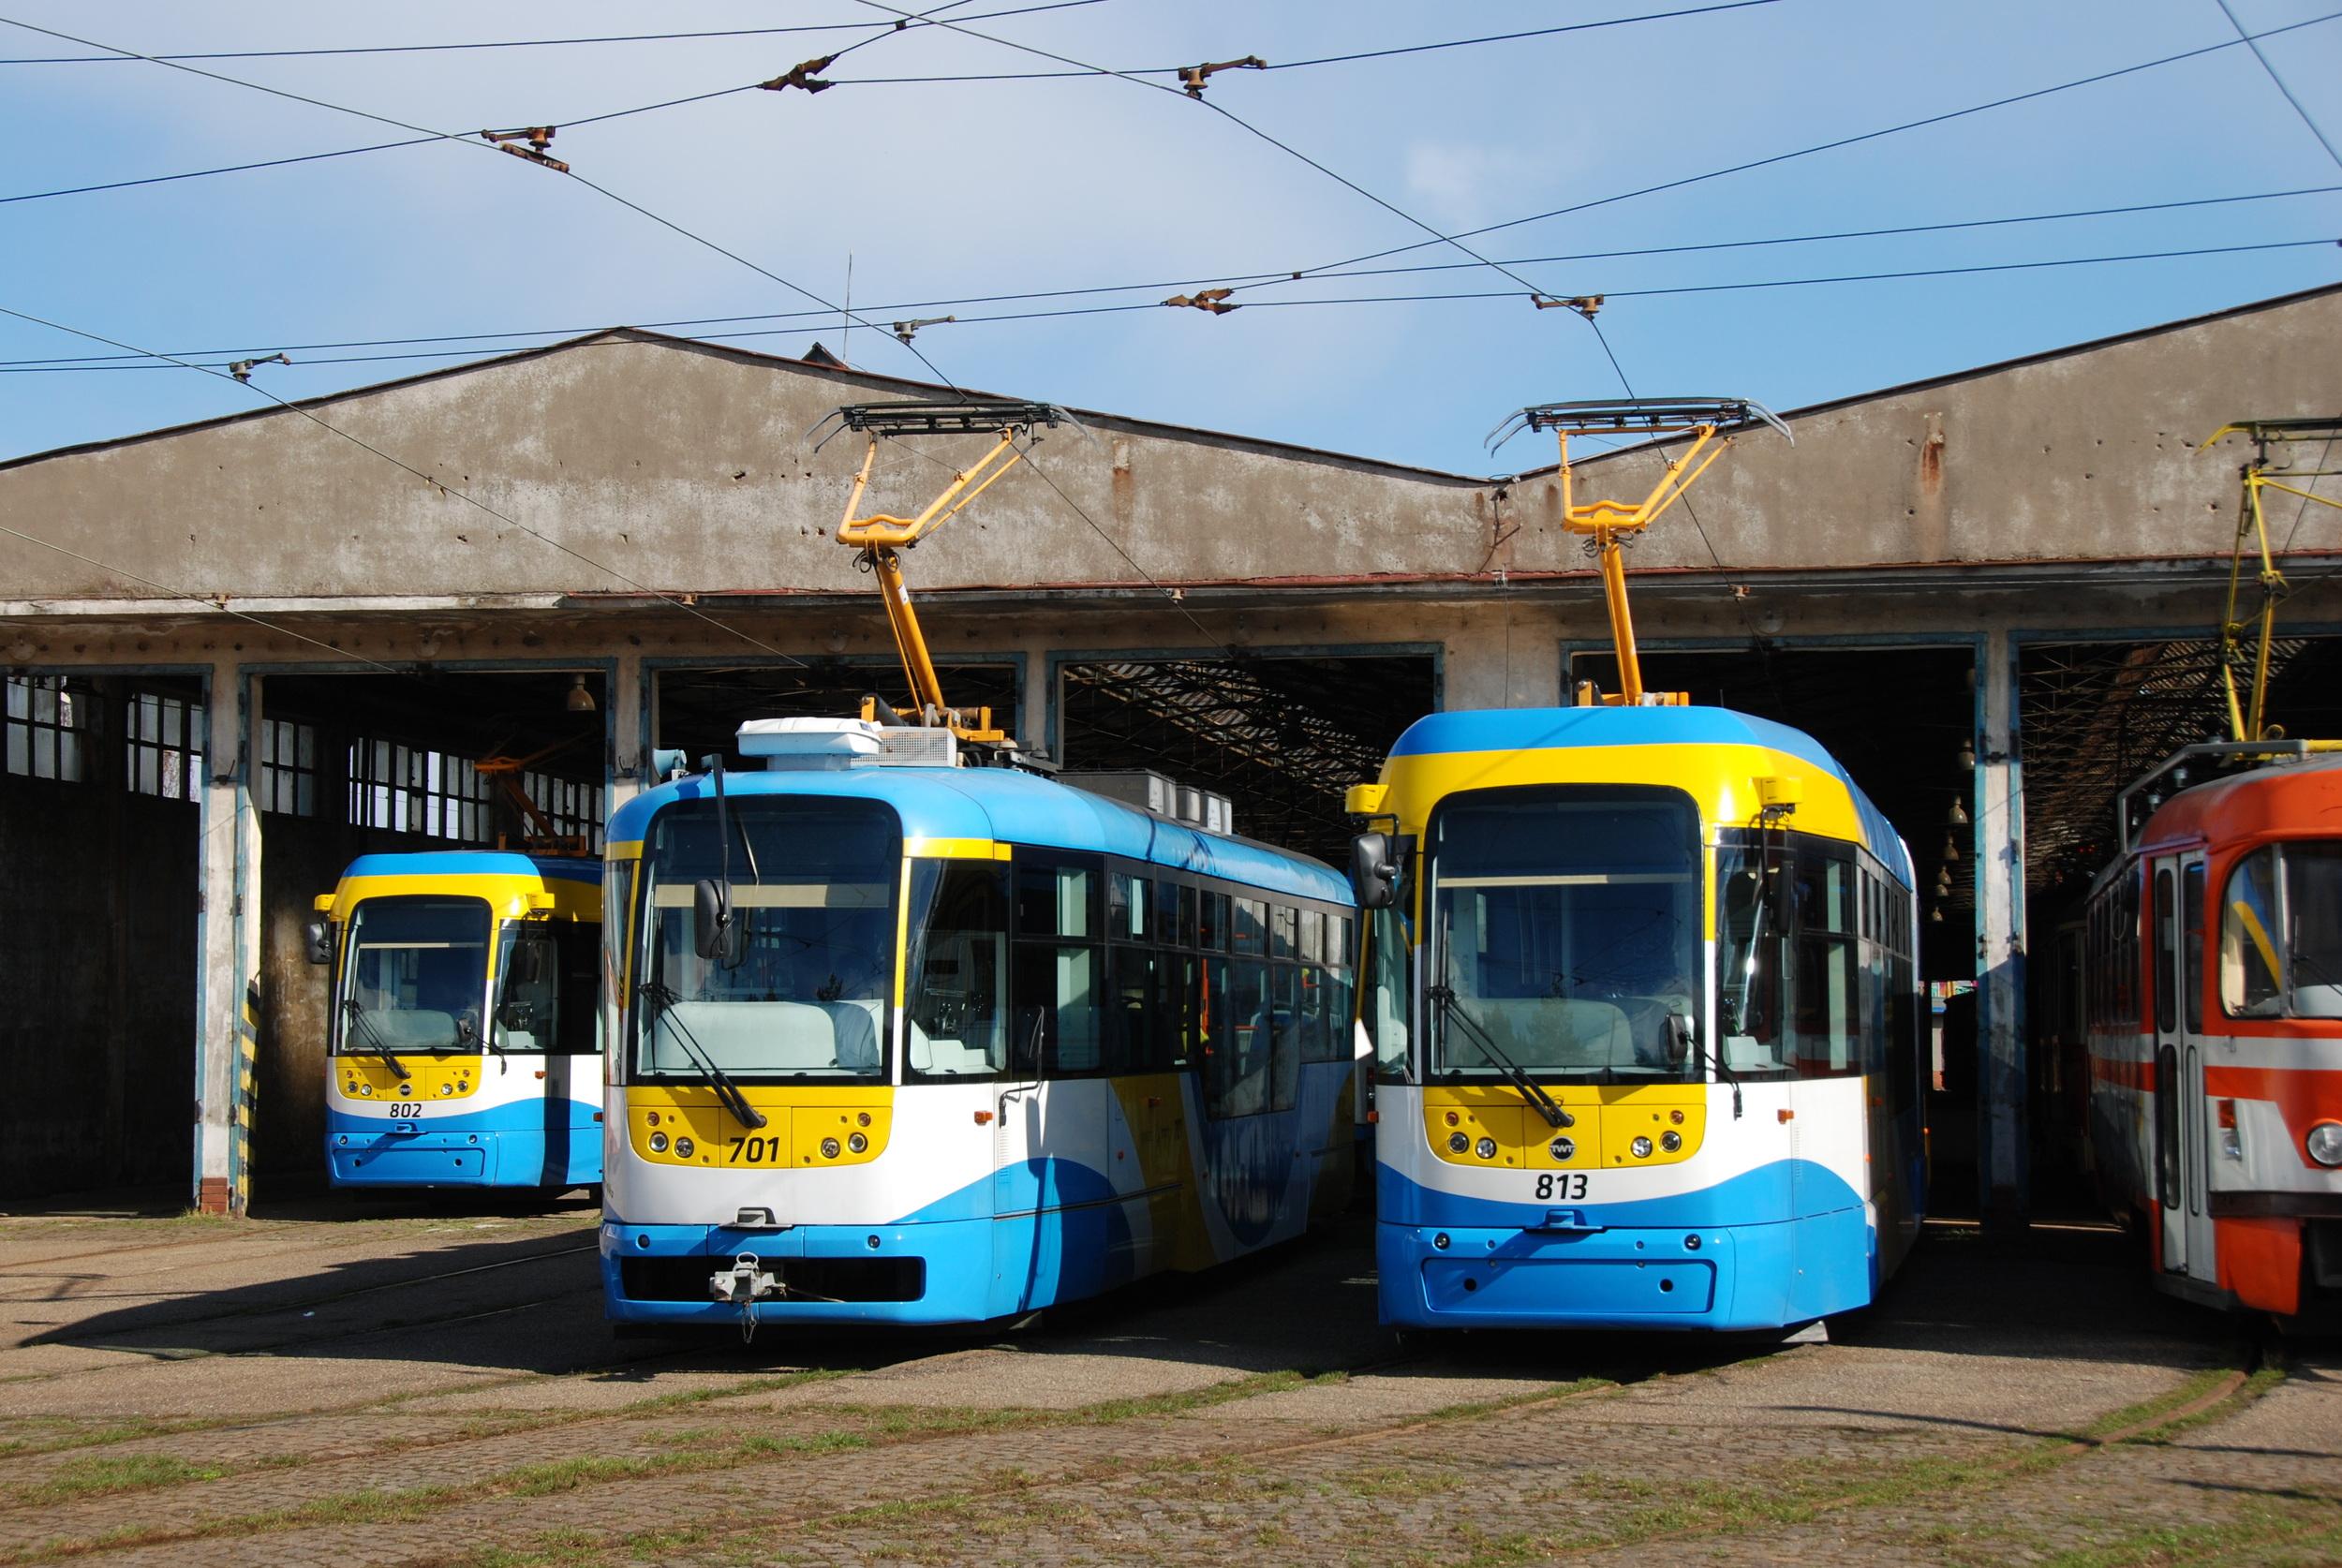 Košice měly s obnovou vozového parku tramvají podobné problémy jako Bratislava. Díky dodávkám vozů VarioLF2+ ovšem průměrné stáří vozového parku výrazně kleslo. (foto: Libor Hinčica)